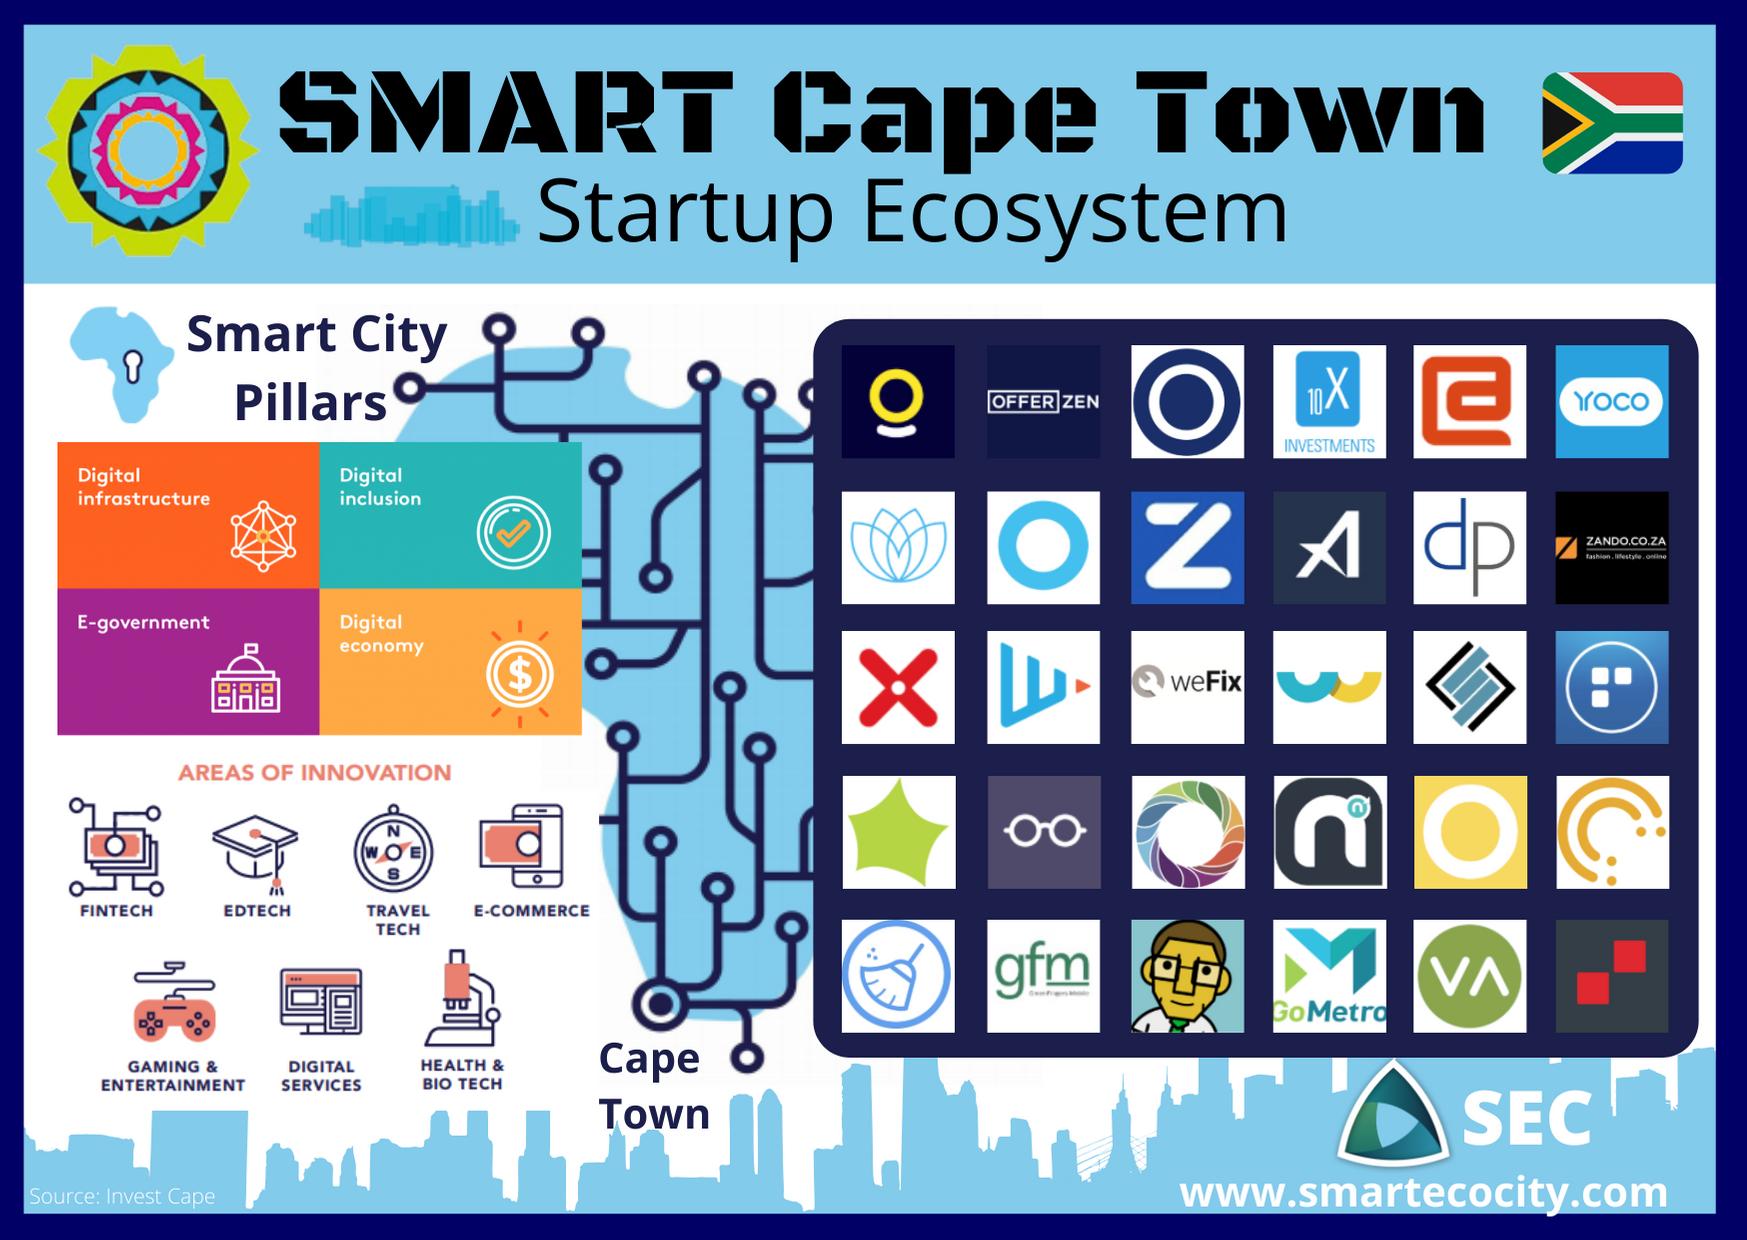 Smart City Cape Town